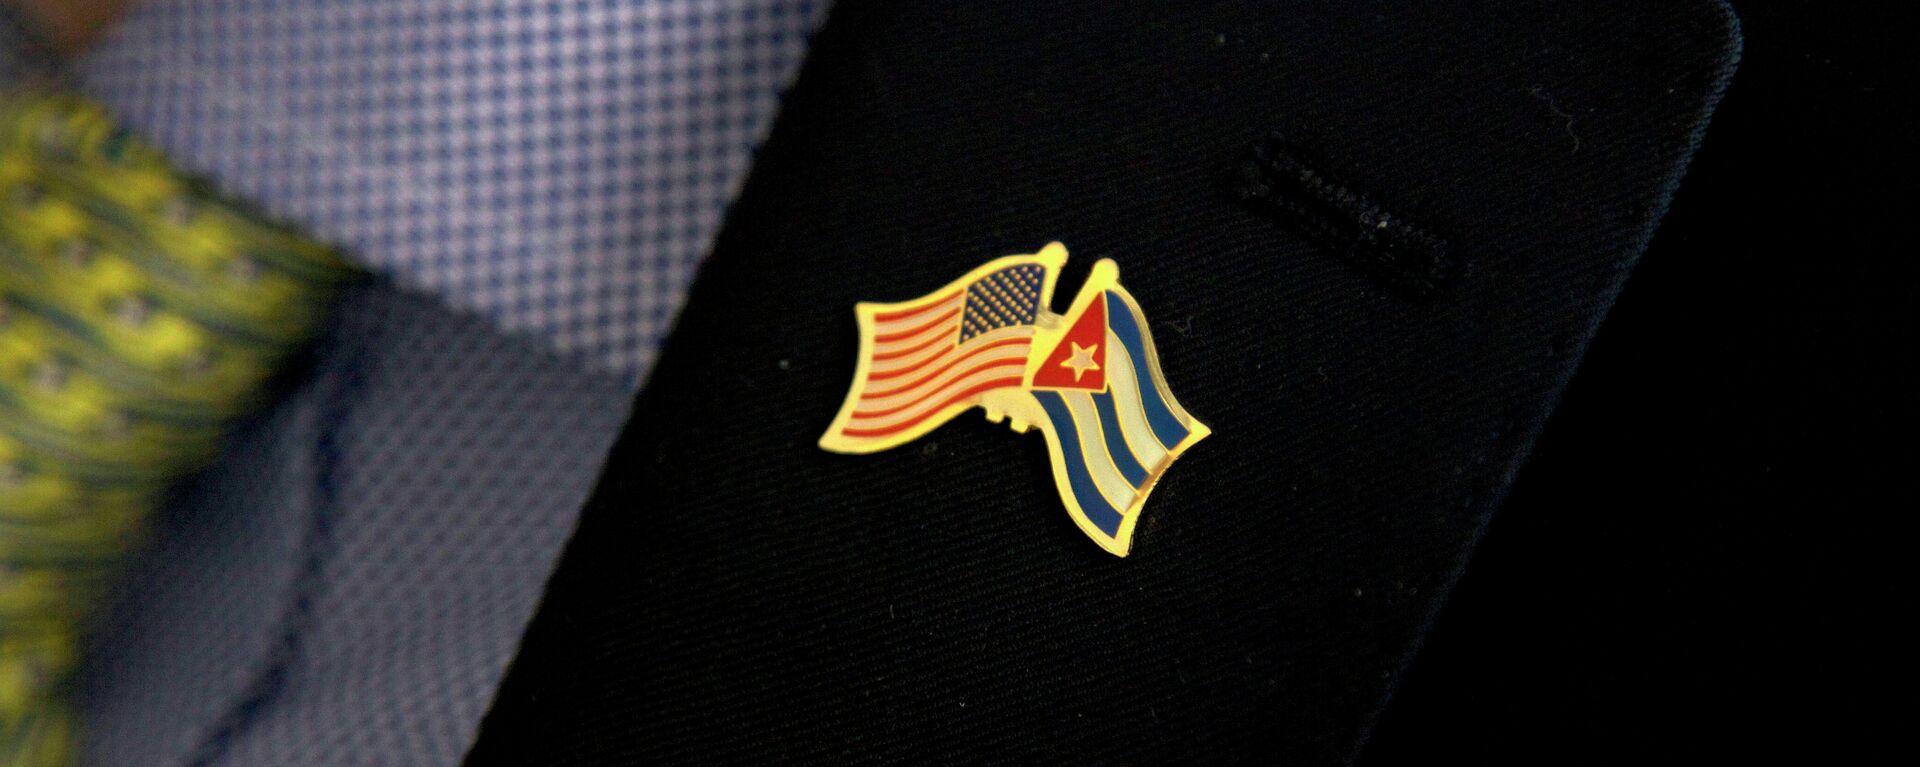 Banderas de EEUU y Cuba - Sputnik Mundo, 1920, 17.03.2021